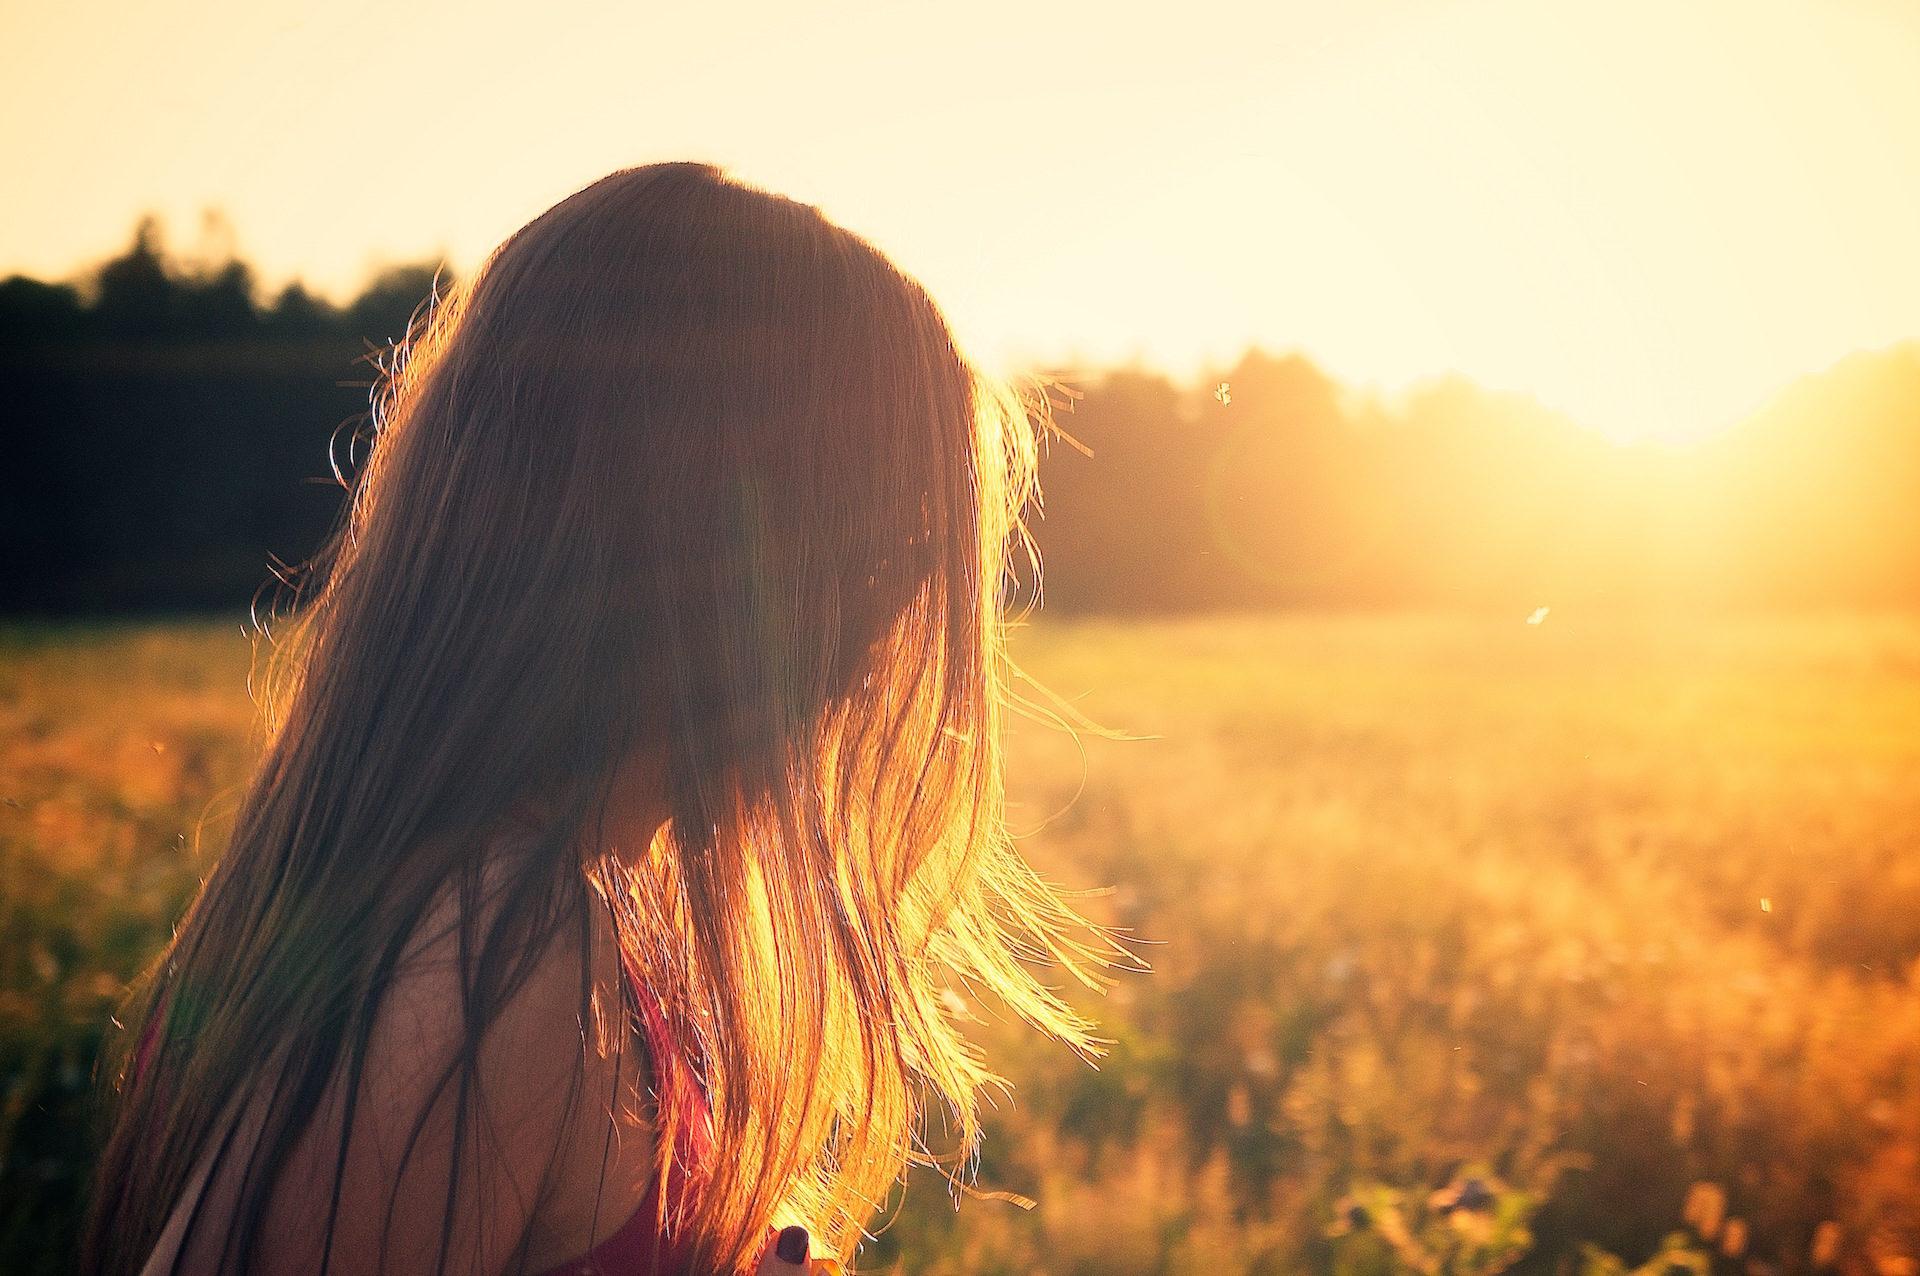 mulher, pelo, cabelo, Pôr do sol, luz - Papéis de parede HD - Professor-falken.com